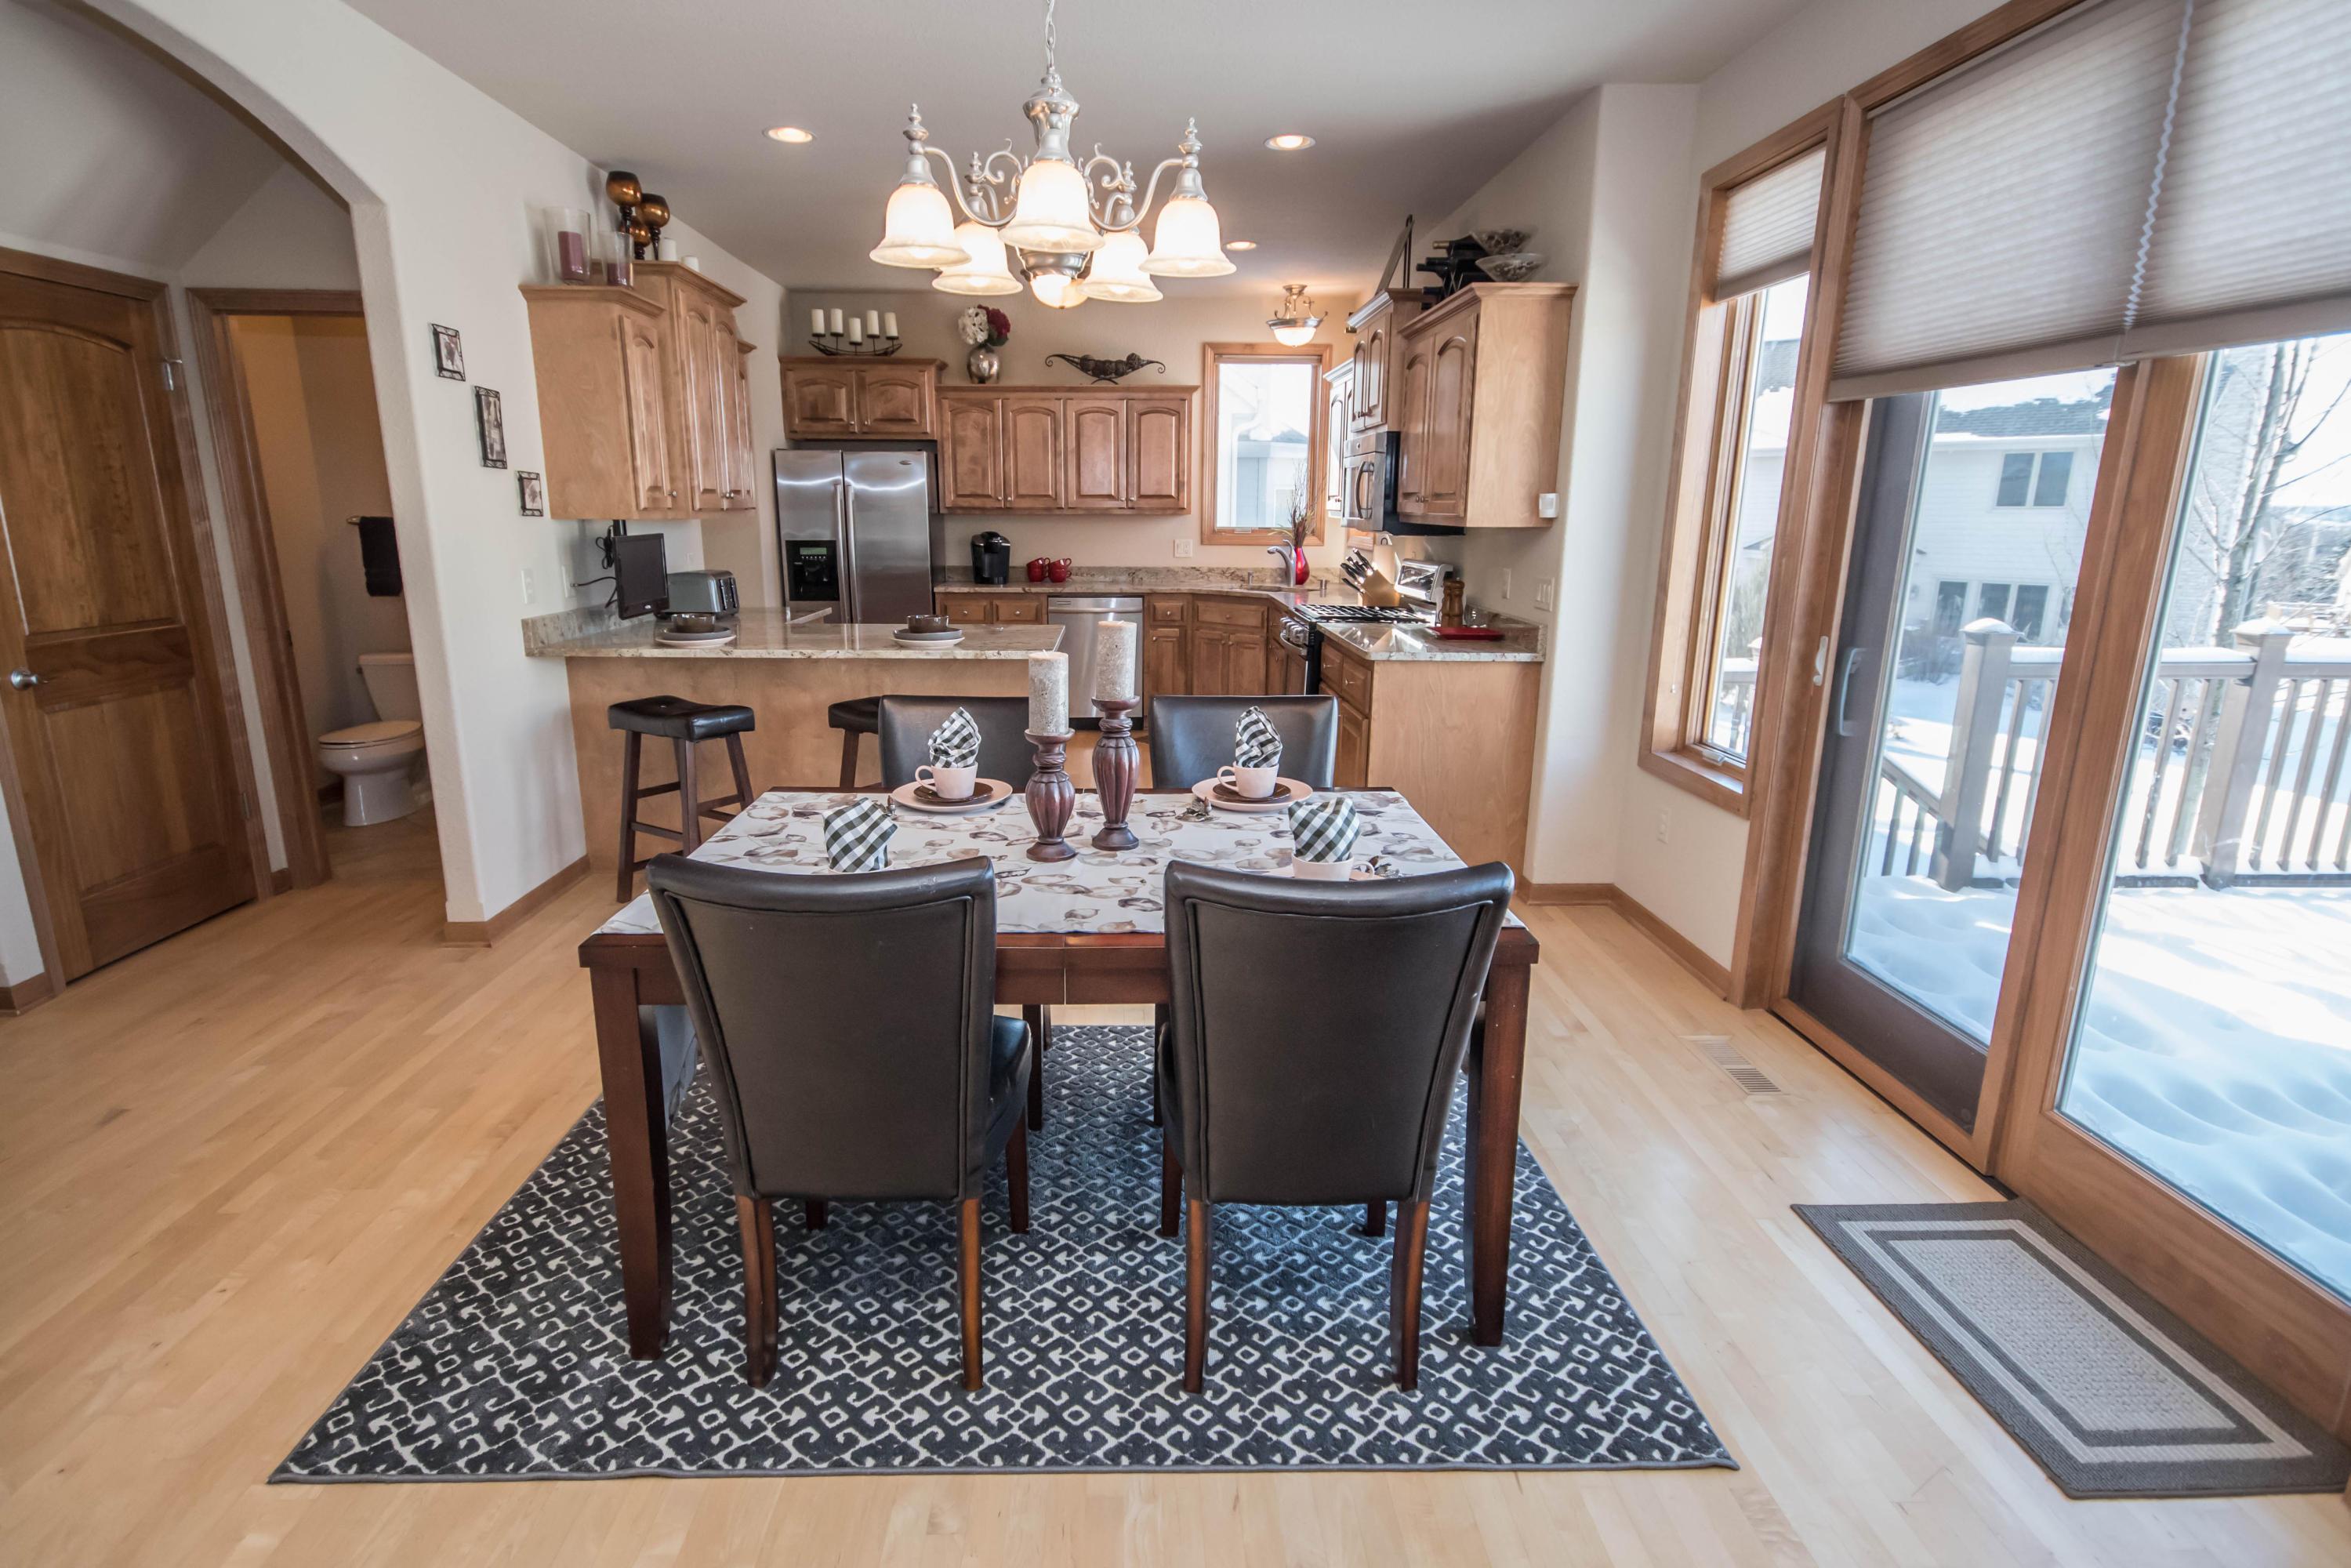 2110 Deer Path, Waukesha, Wisconsin 53189, 4 Bedrooms Bedrooms, 11 Rooms Rooms,2 BathroomsBathrooms,Single-Family,For Sale,Deer Path,1621386